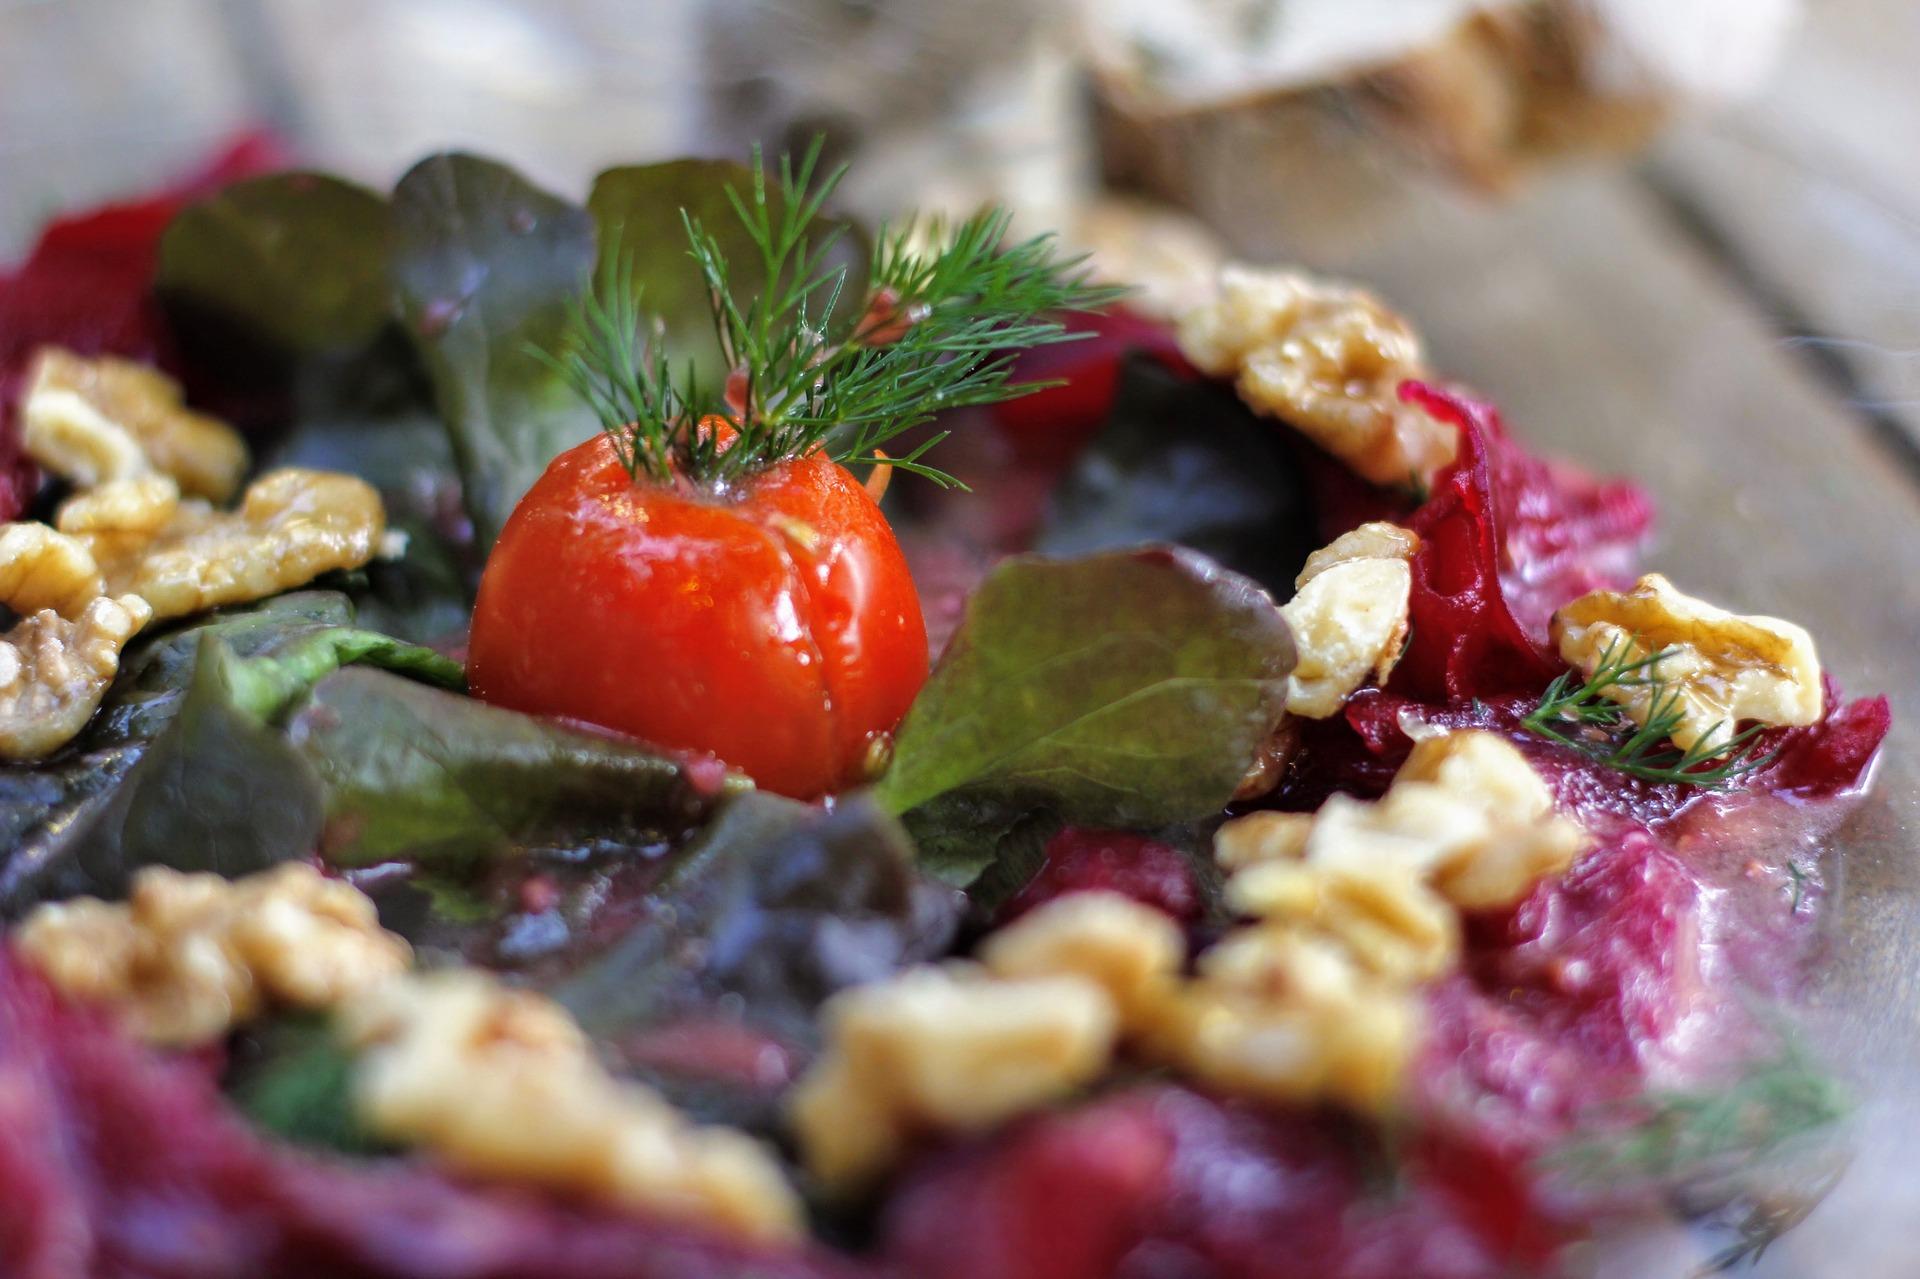 Eine Nahaufnahme eines Salates mit Rinden, Baumnüssen, kleinen Salatblättern und einer mit Dill dekorierten Kirschtomate